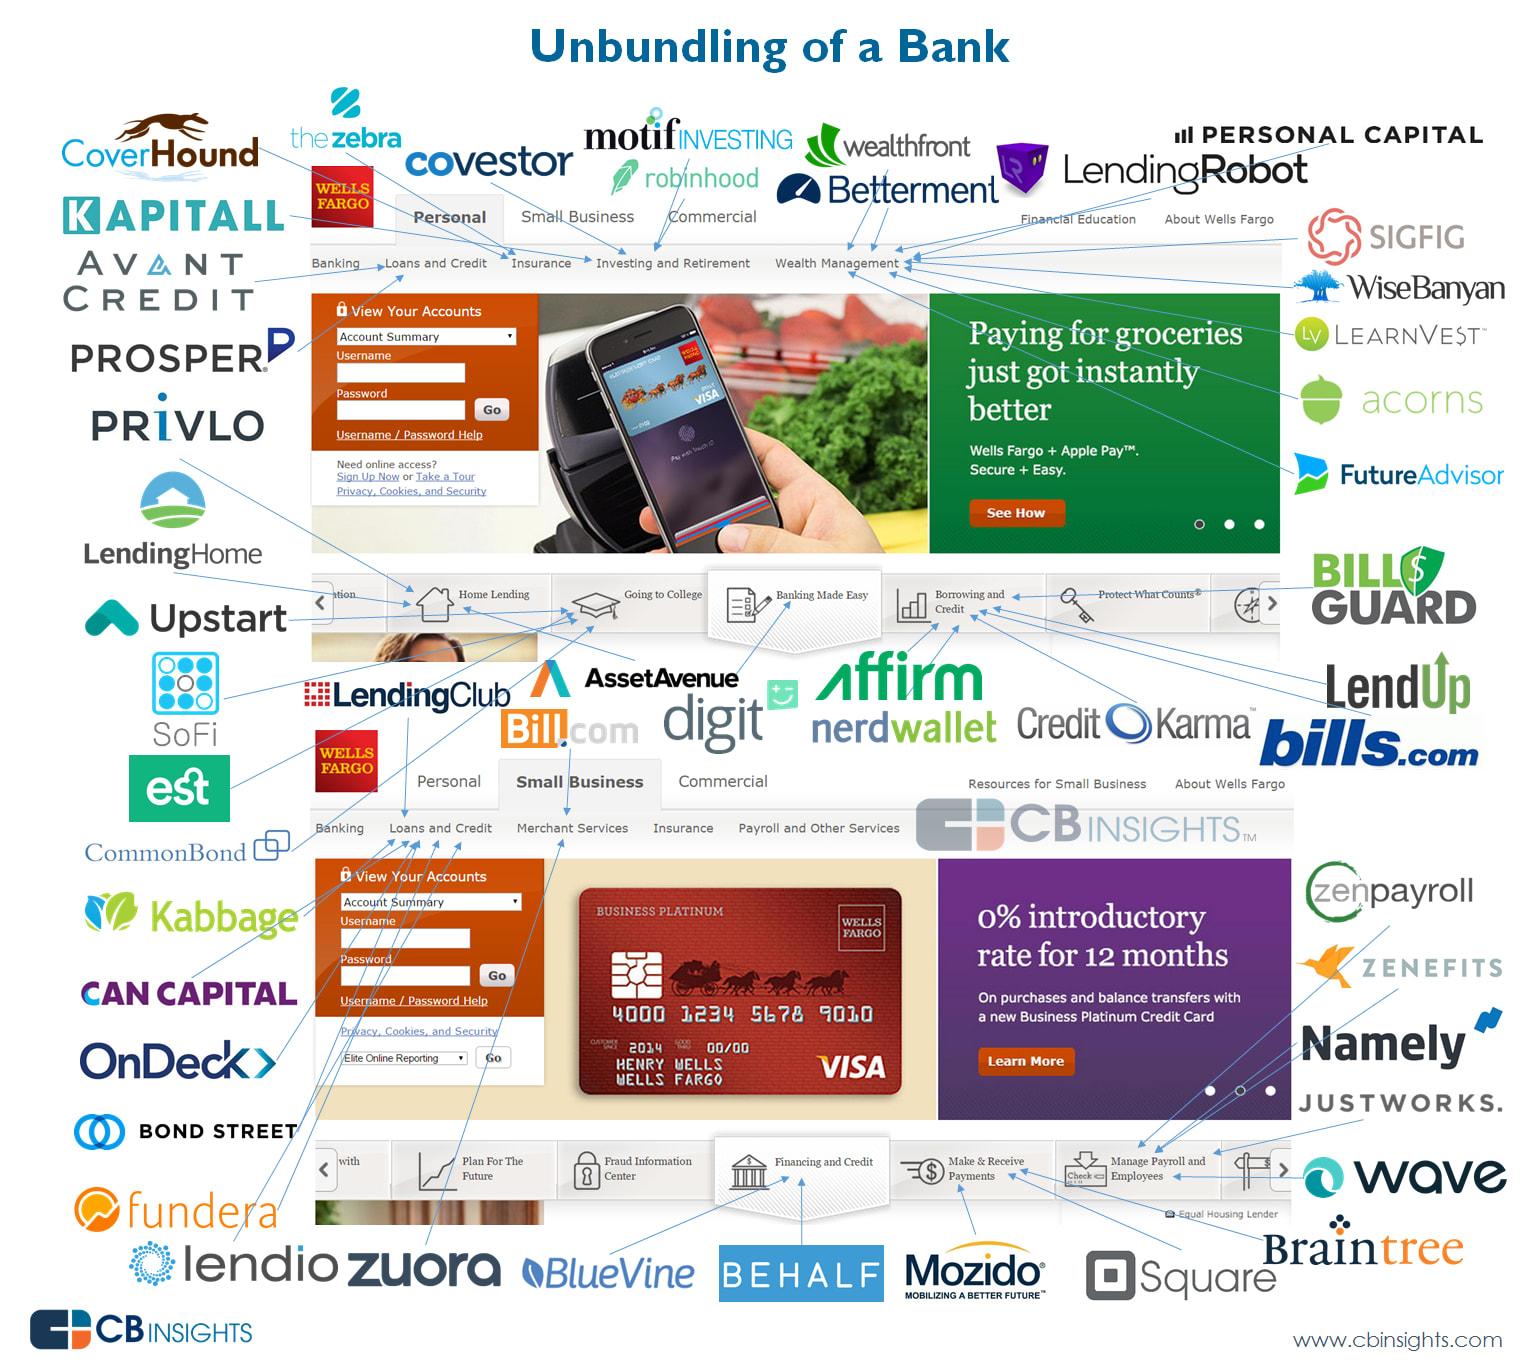 Unbundling of banks